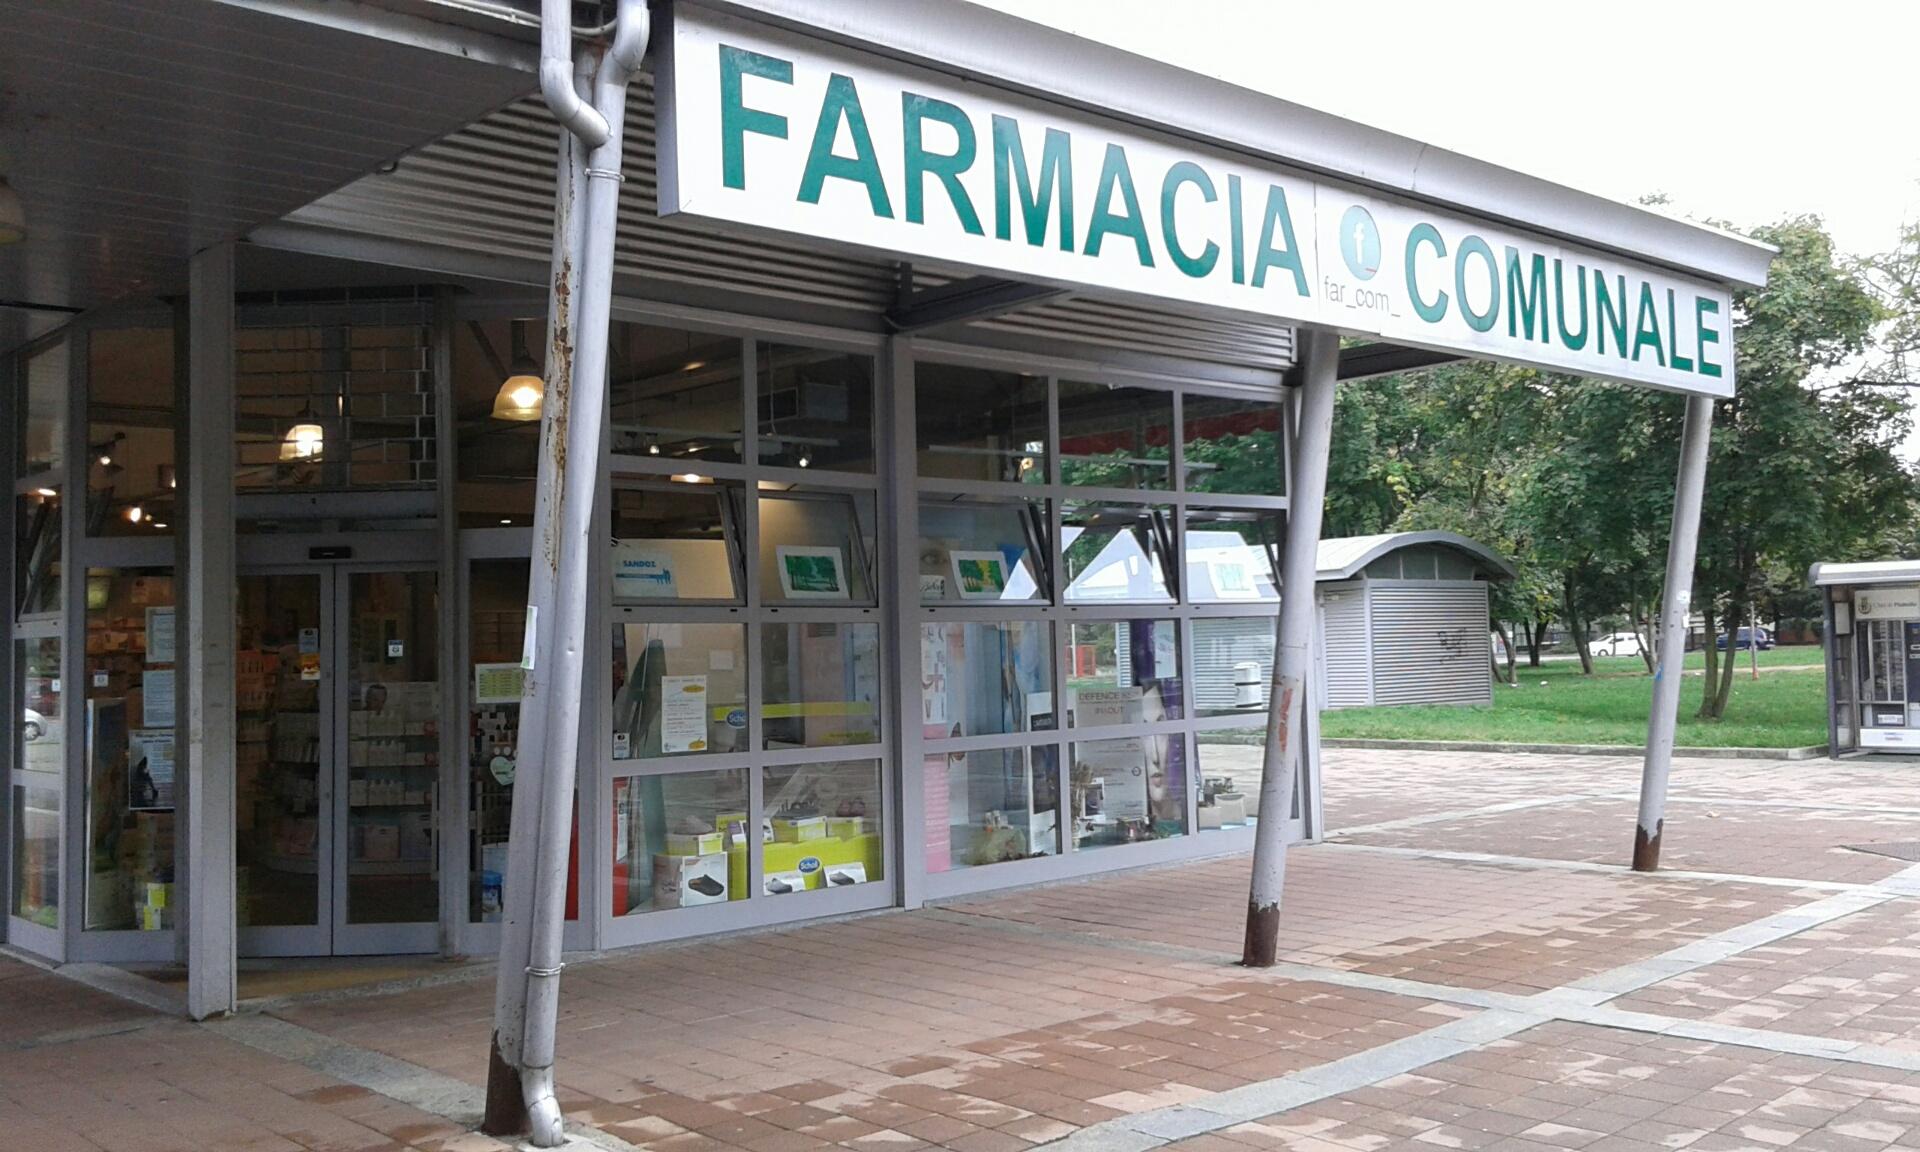 Farcom Farmacia comunale 3 Pioltello